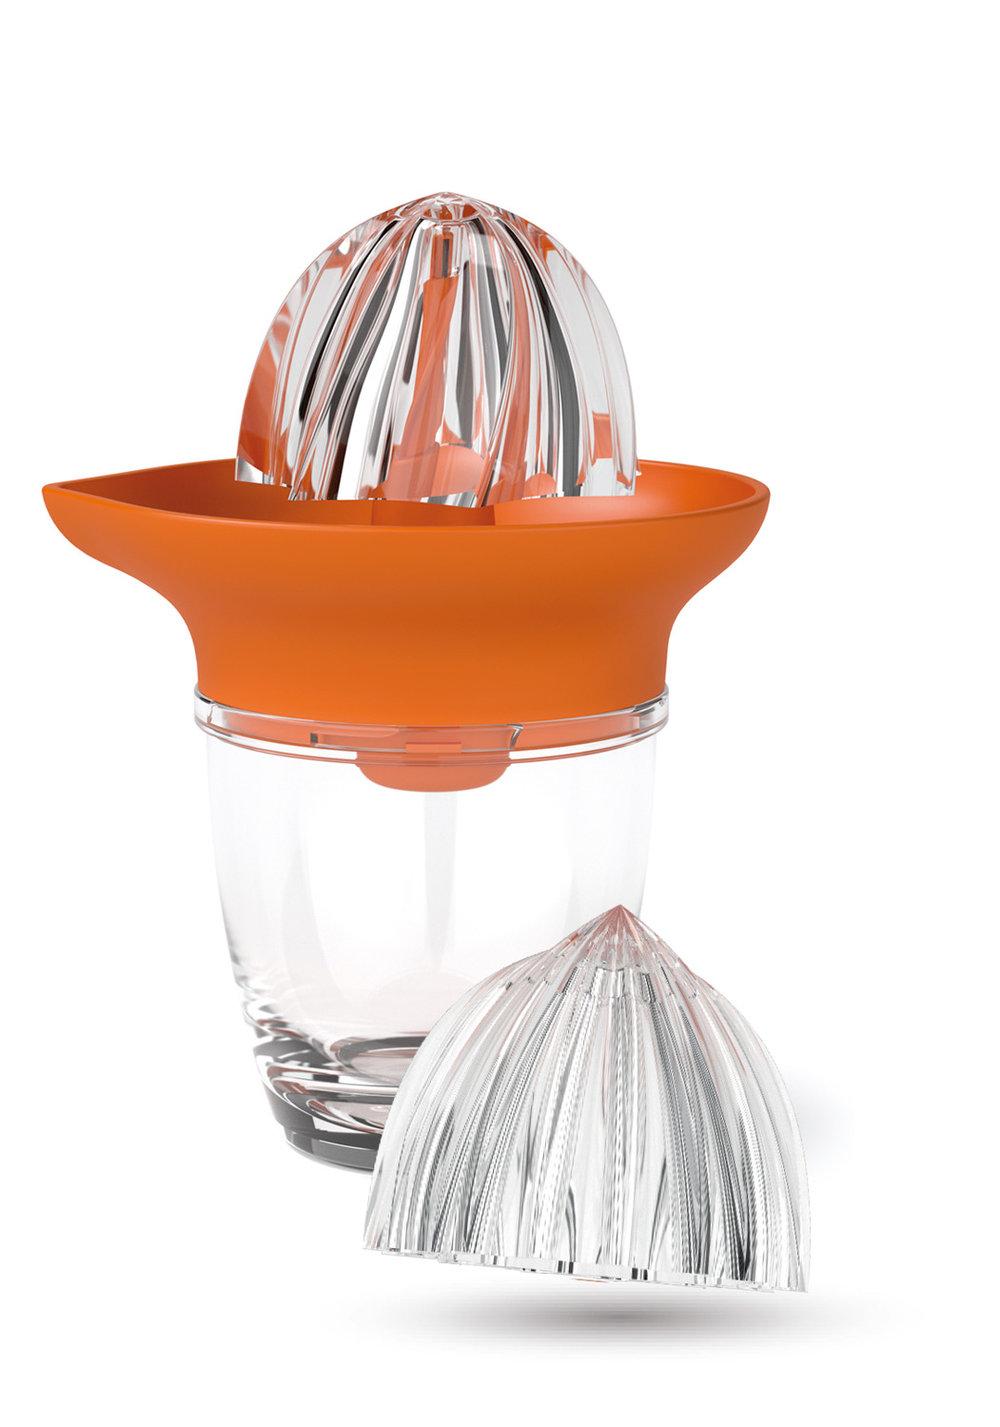 JUICY - • Presse-agrume deux têtes (orange/pamplemousse)• Mécanisme démultiplicateur de force• Bol en tritan ultrarésistant• Nettoyage facile500247 JUICY